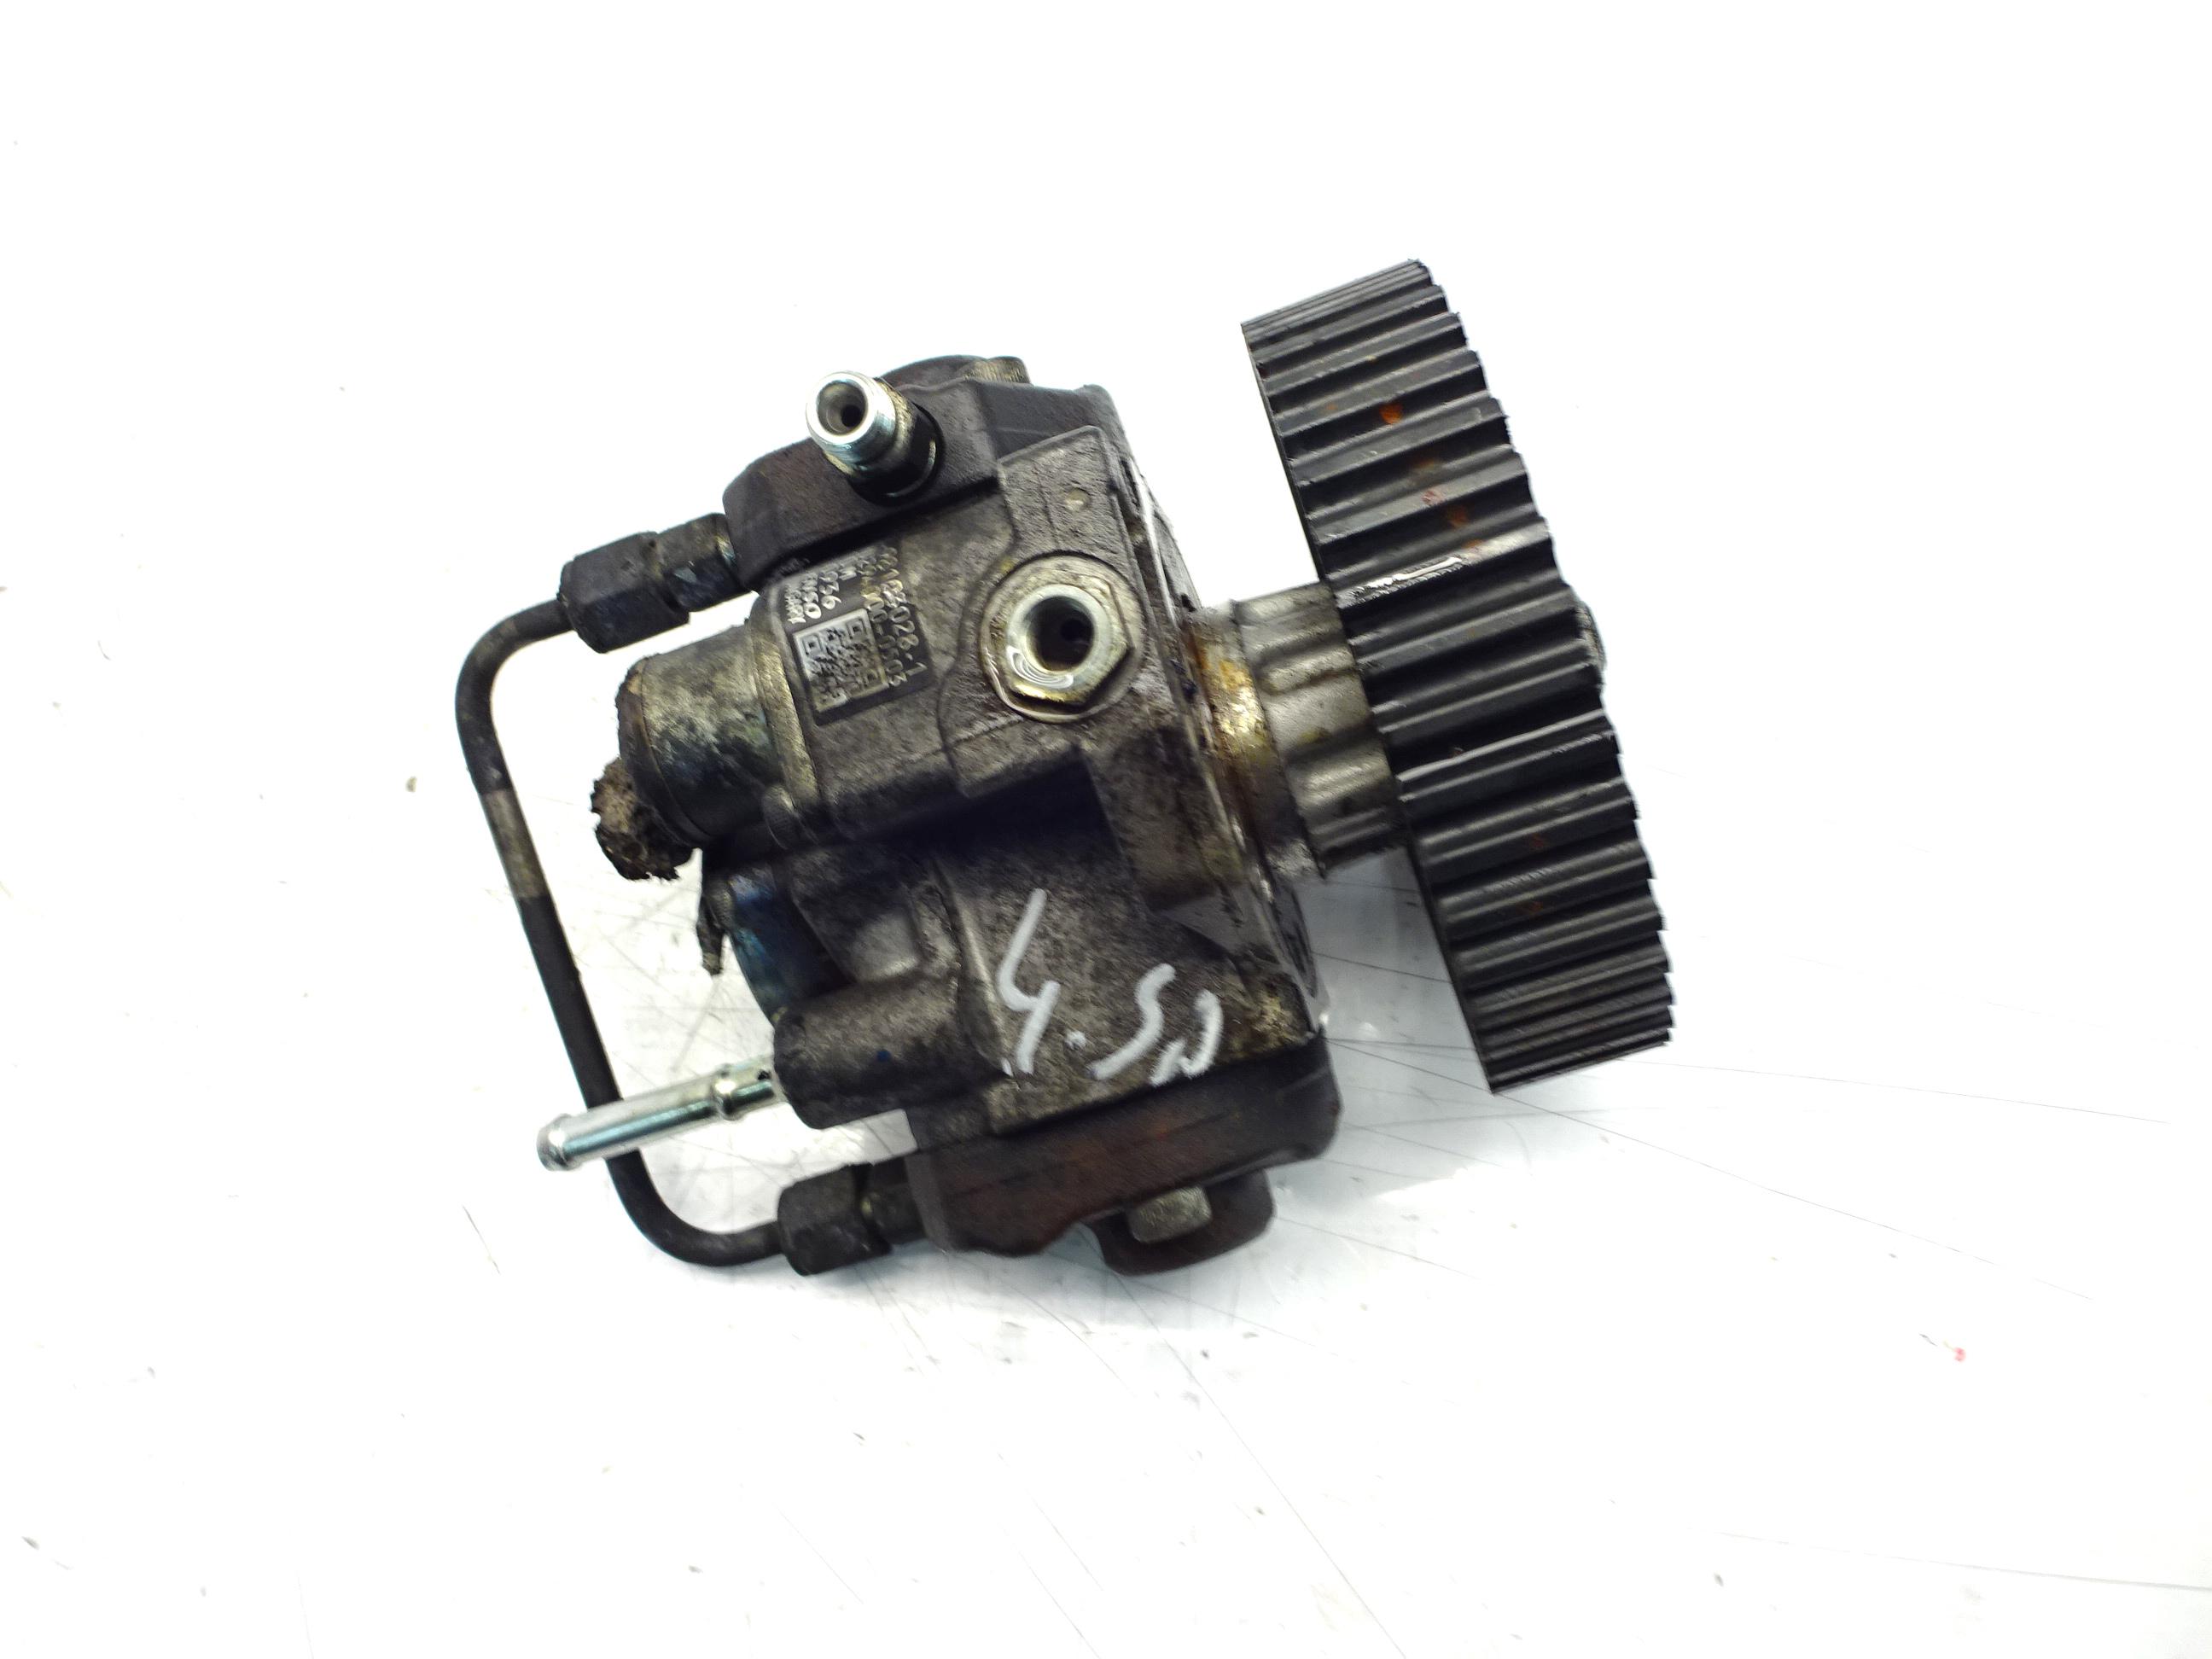 Hochdruckpumpe Defekt Opel Astra B 1,7 CDTI A17DTR 8981030281 Brandschaden